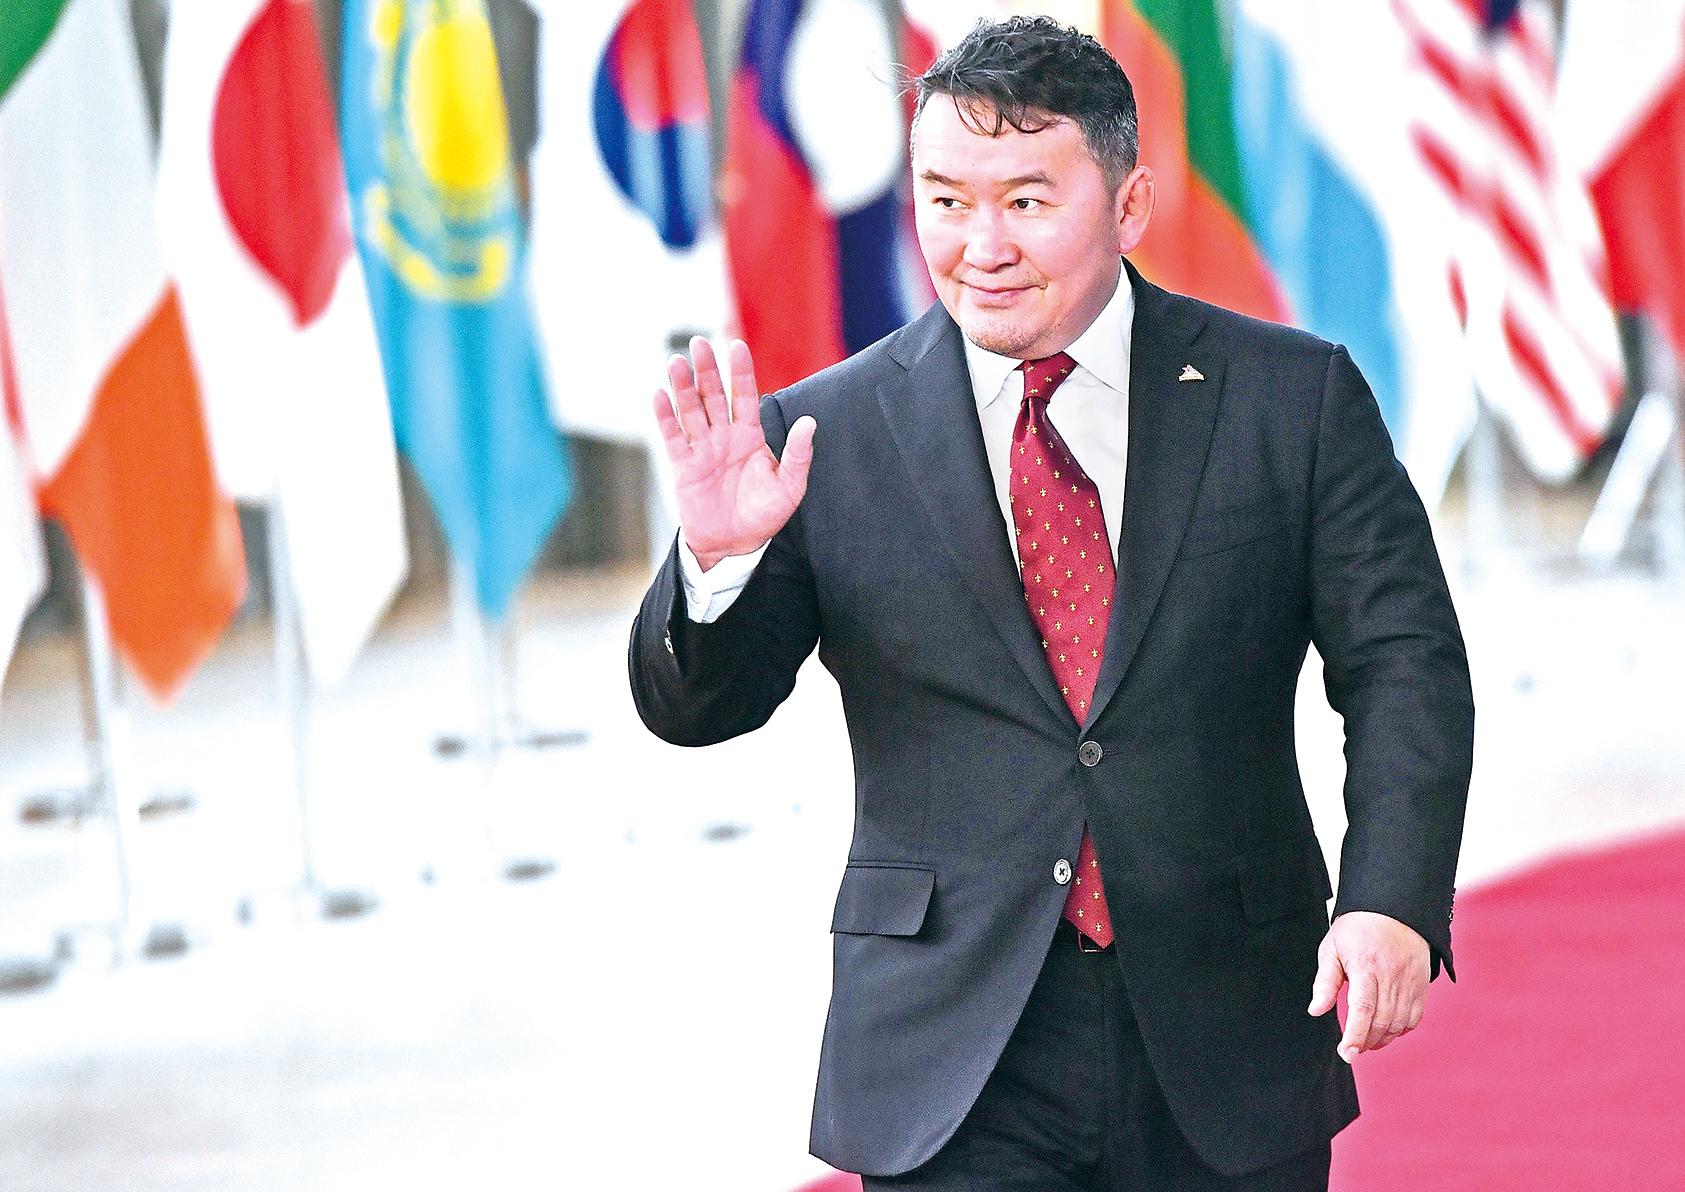 最近親中共的蒙古人民黨倉促推動《總統選舉法》修正案,禁止現任總統競選連任。圖為現任蒙古總統哈勒特馬.巴圖勒嘎(Khaltmaagiin Battulga)於2018年10月18日,抵達歐洲理事會參加亞歐會議。(AFP)